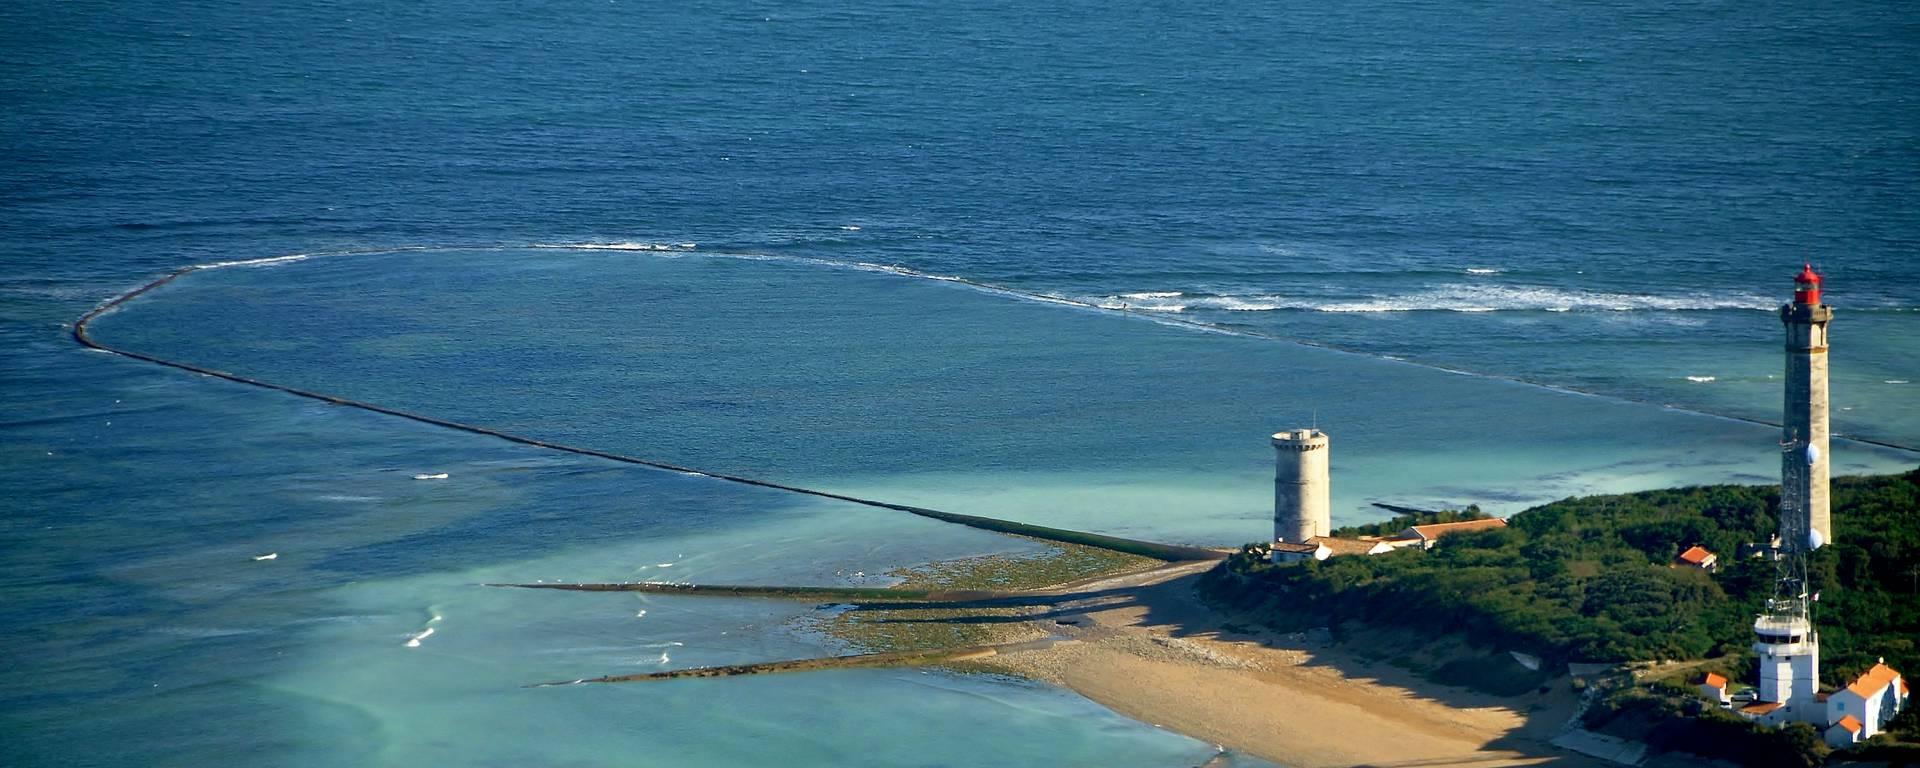 Le phare des Baleines vue du ciel par Bernard Collin